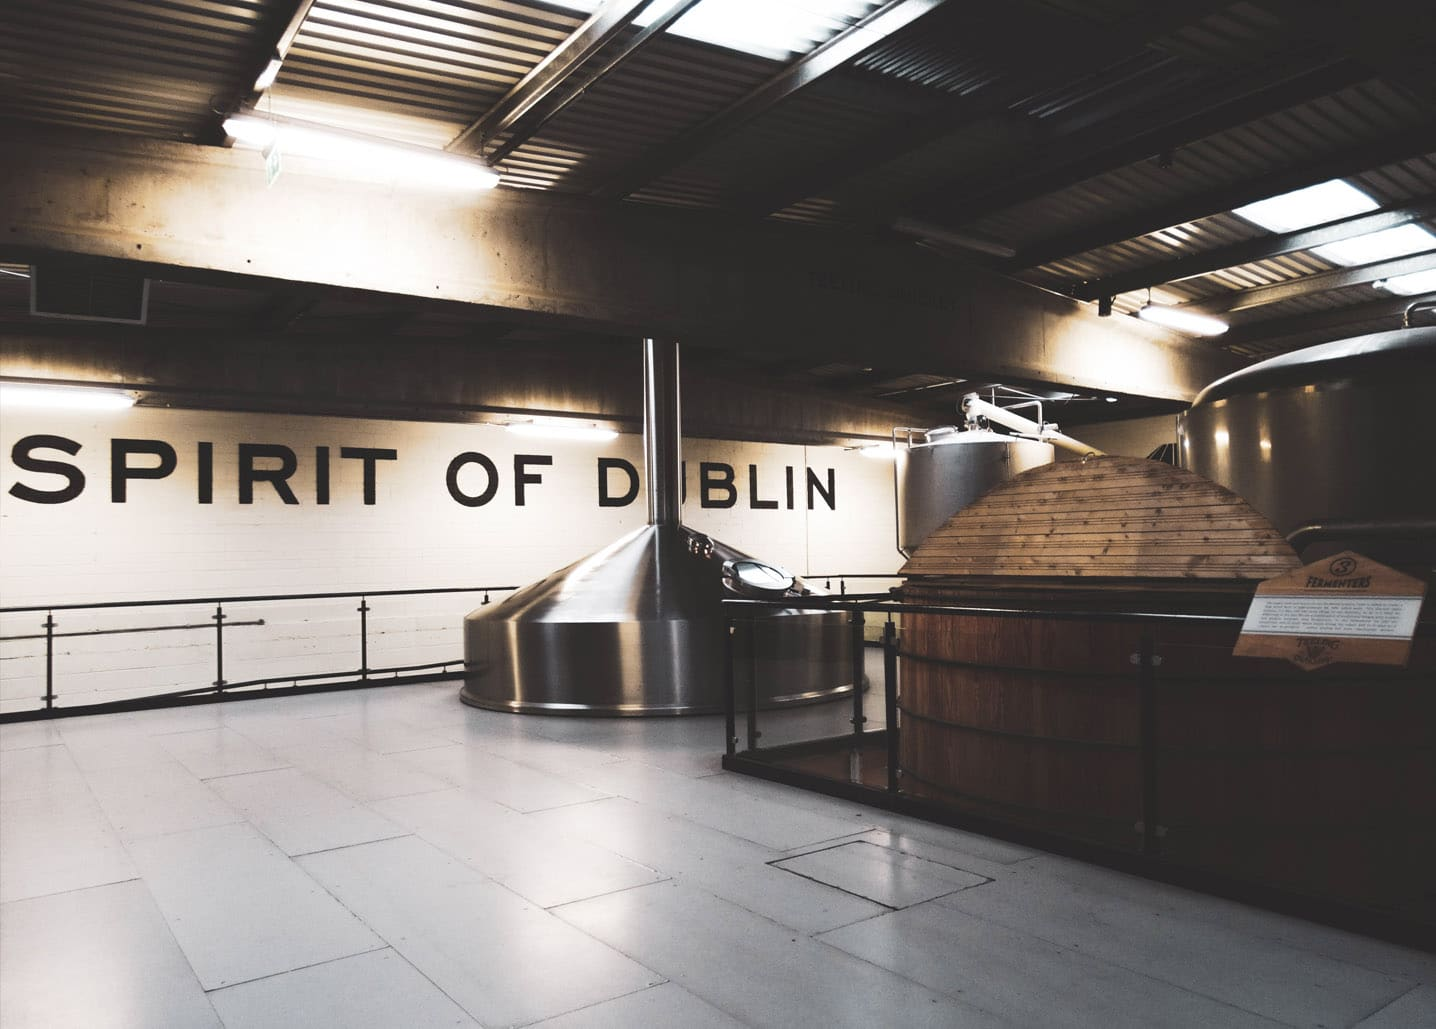 Visitar la destilería de Teeling en Dublin - Todo Whisky